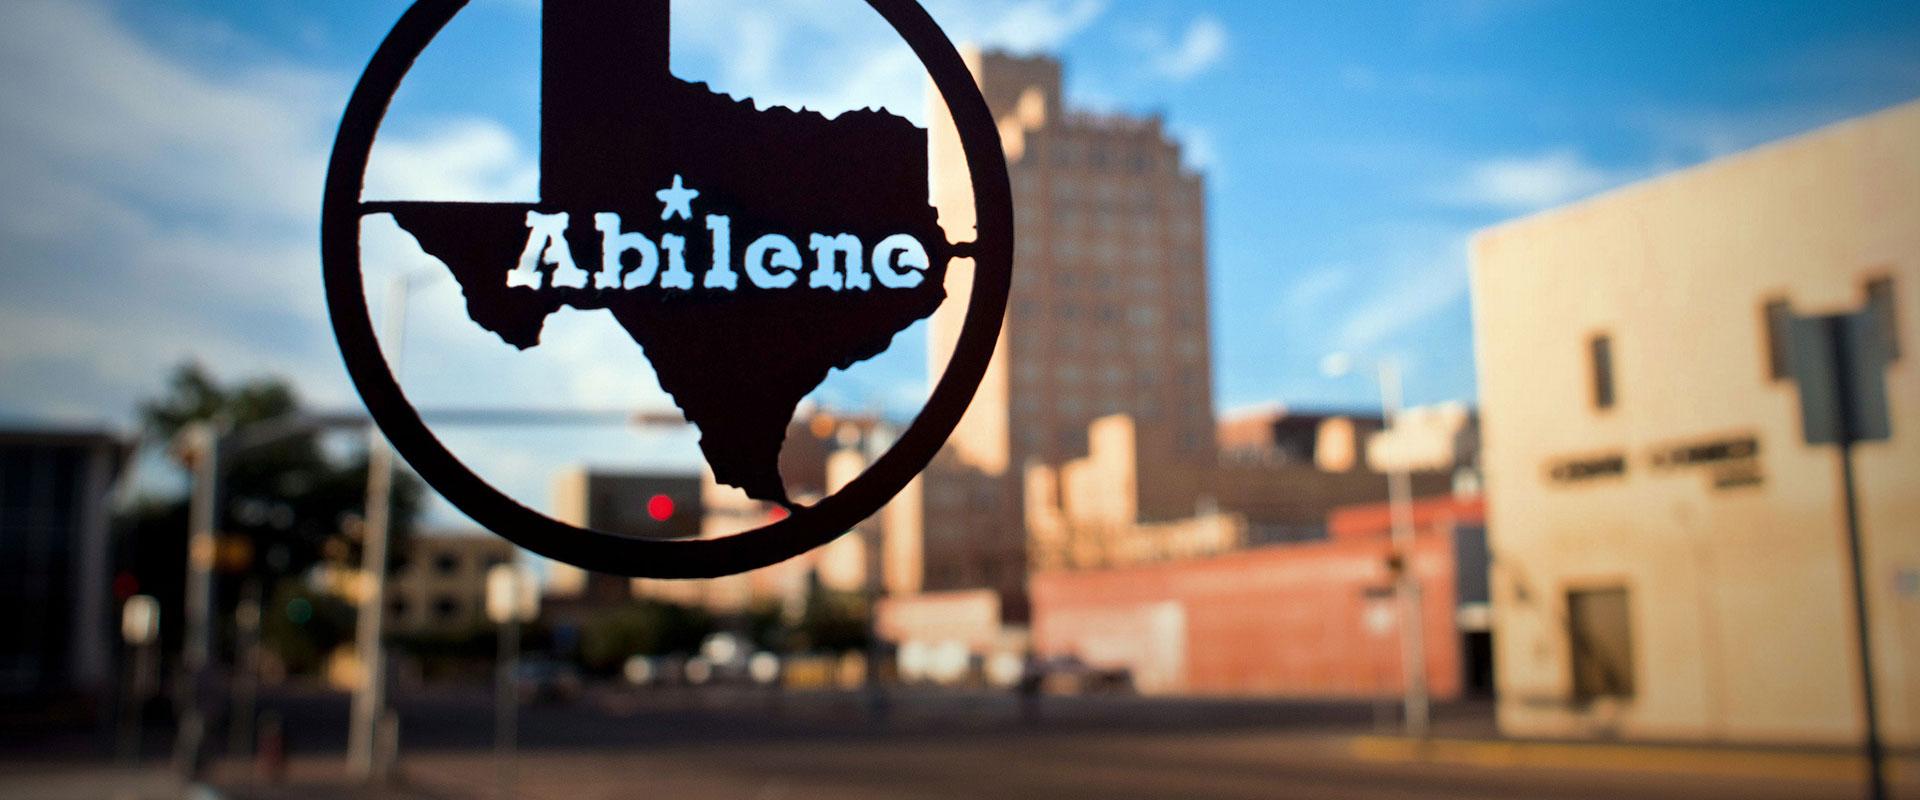 Abilene Center City, Abilene, TX